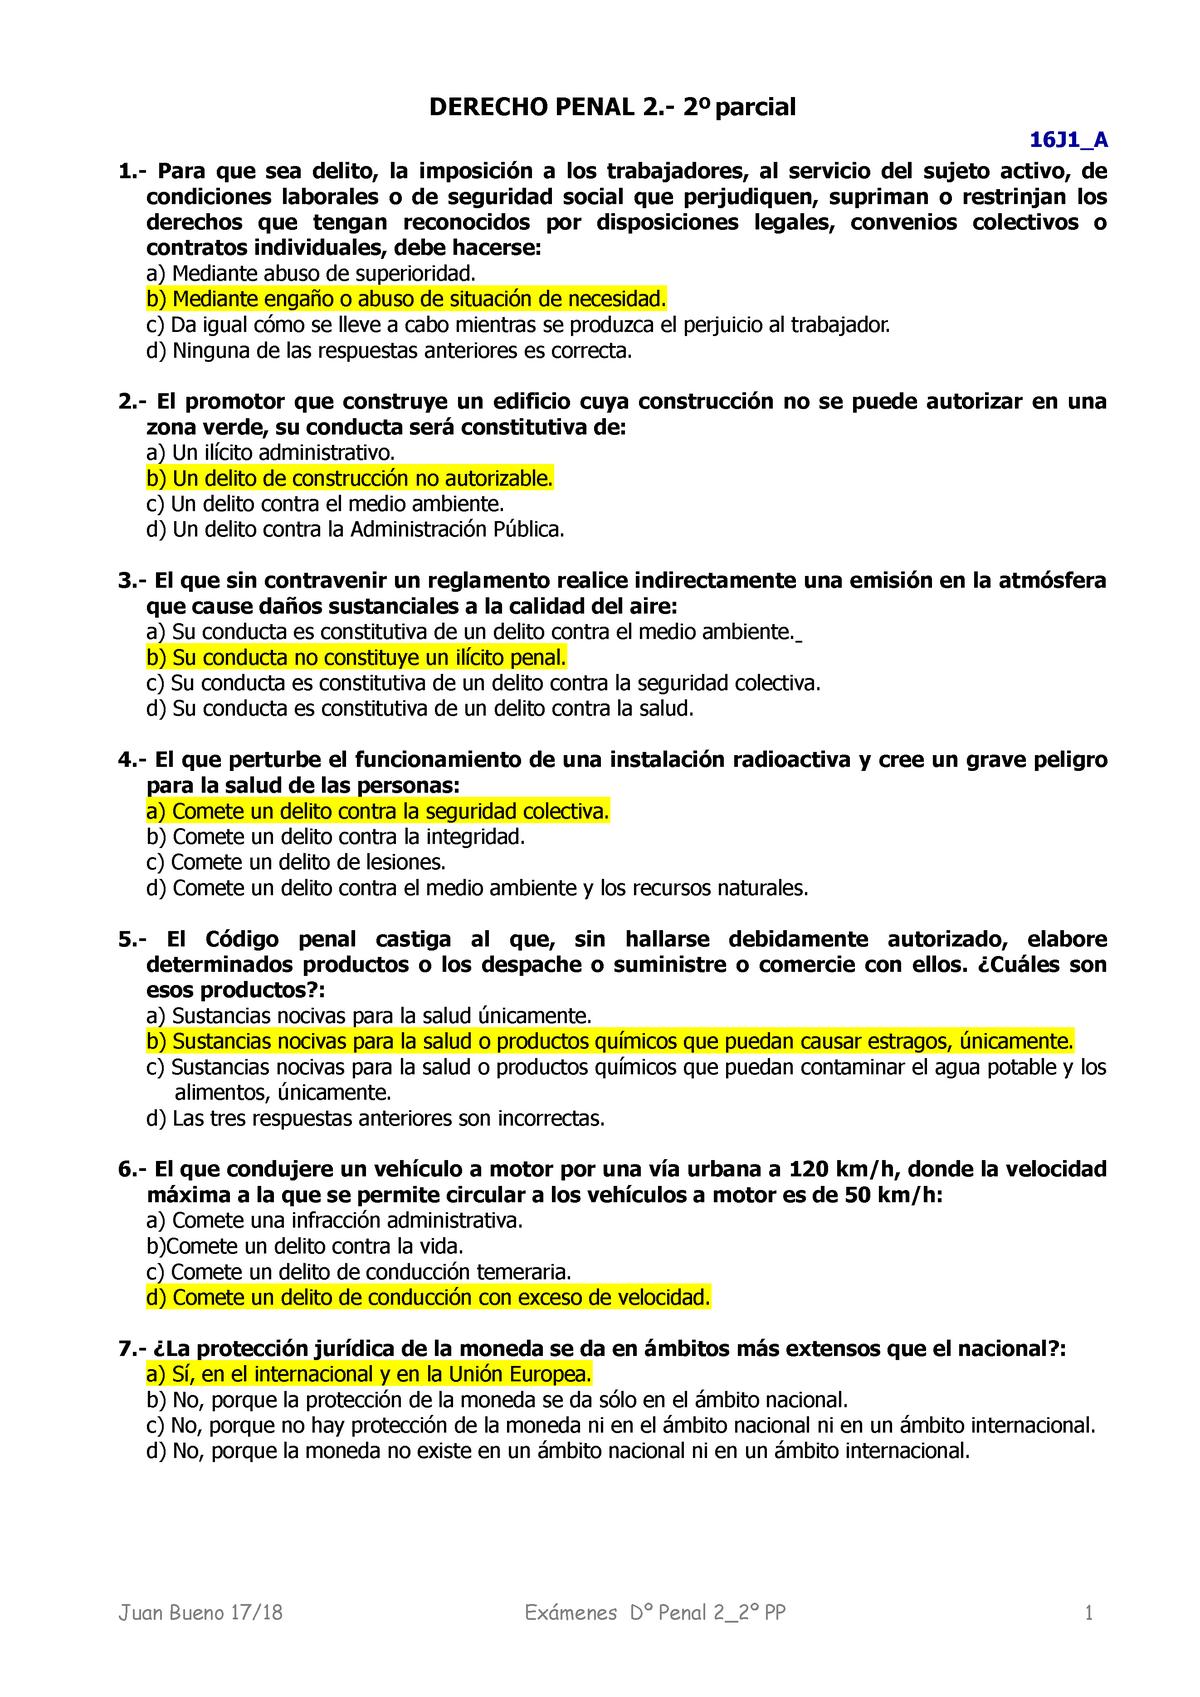 Examen 2019, preguntas y respuestas - Derecho Penal II - StuDocu